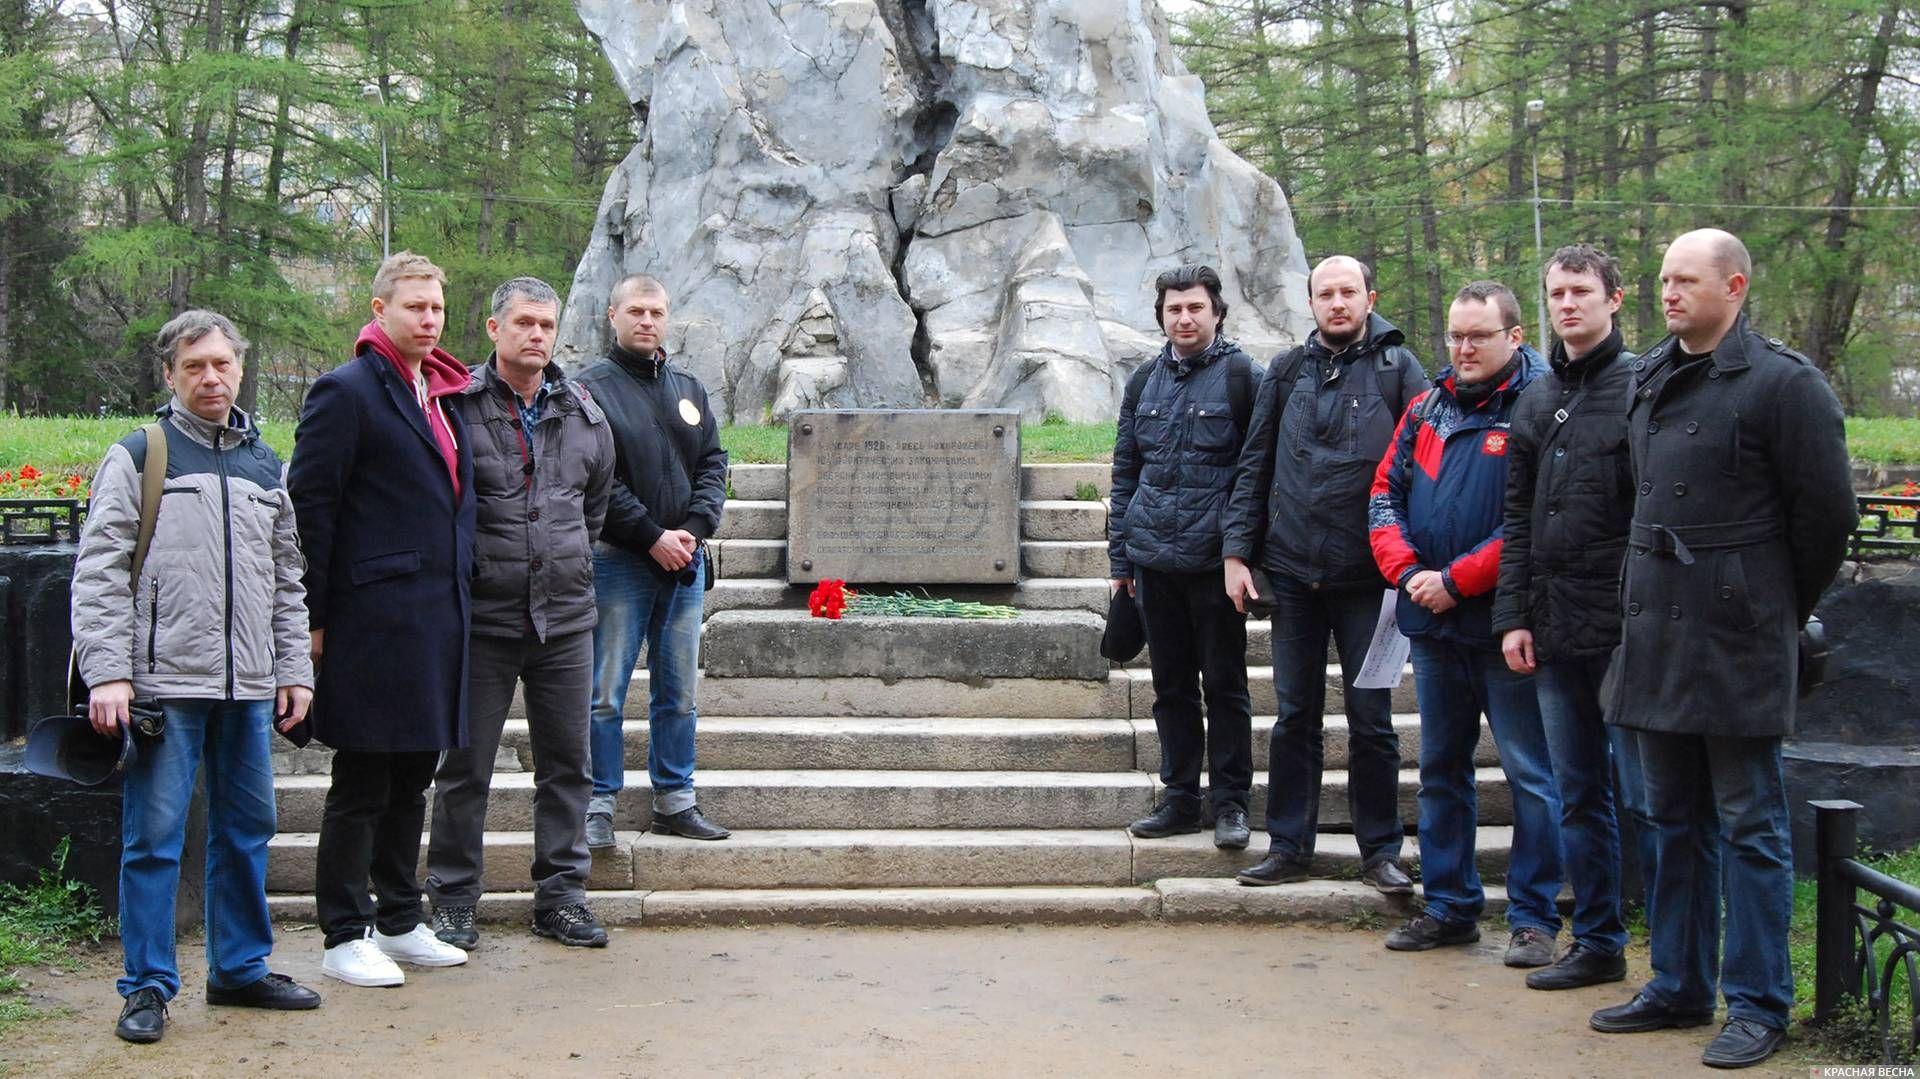 Возложение цветов к памятнику Героев Революции в столетие белочешского мятежа